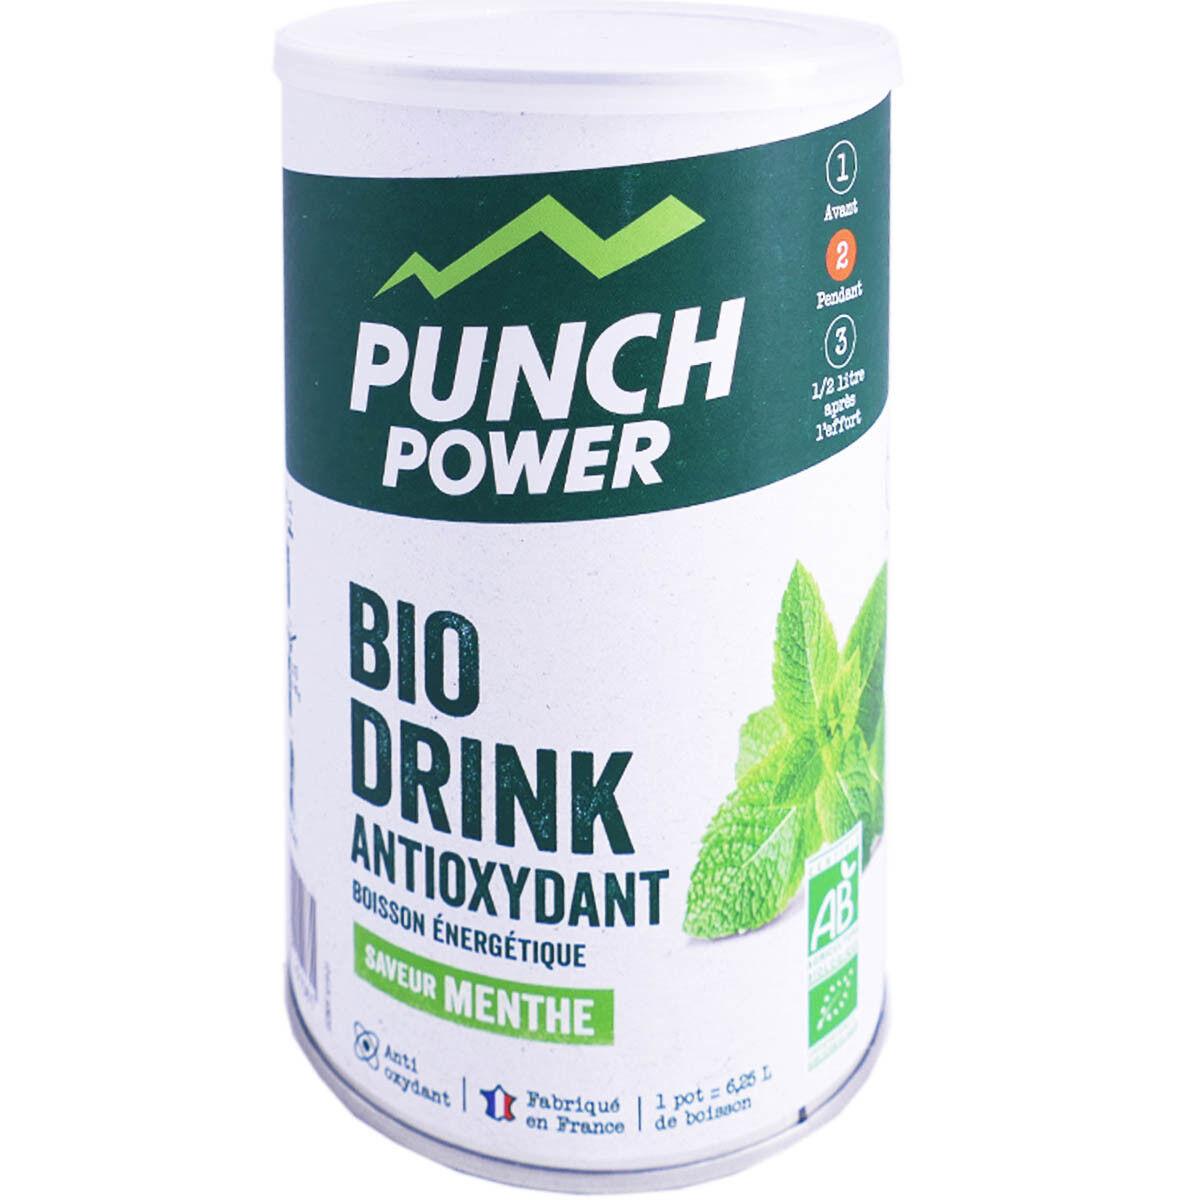 Punch power bio boisson energetique saveur menthe 500g